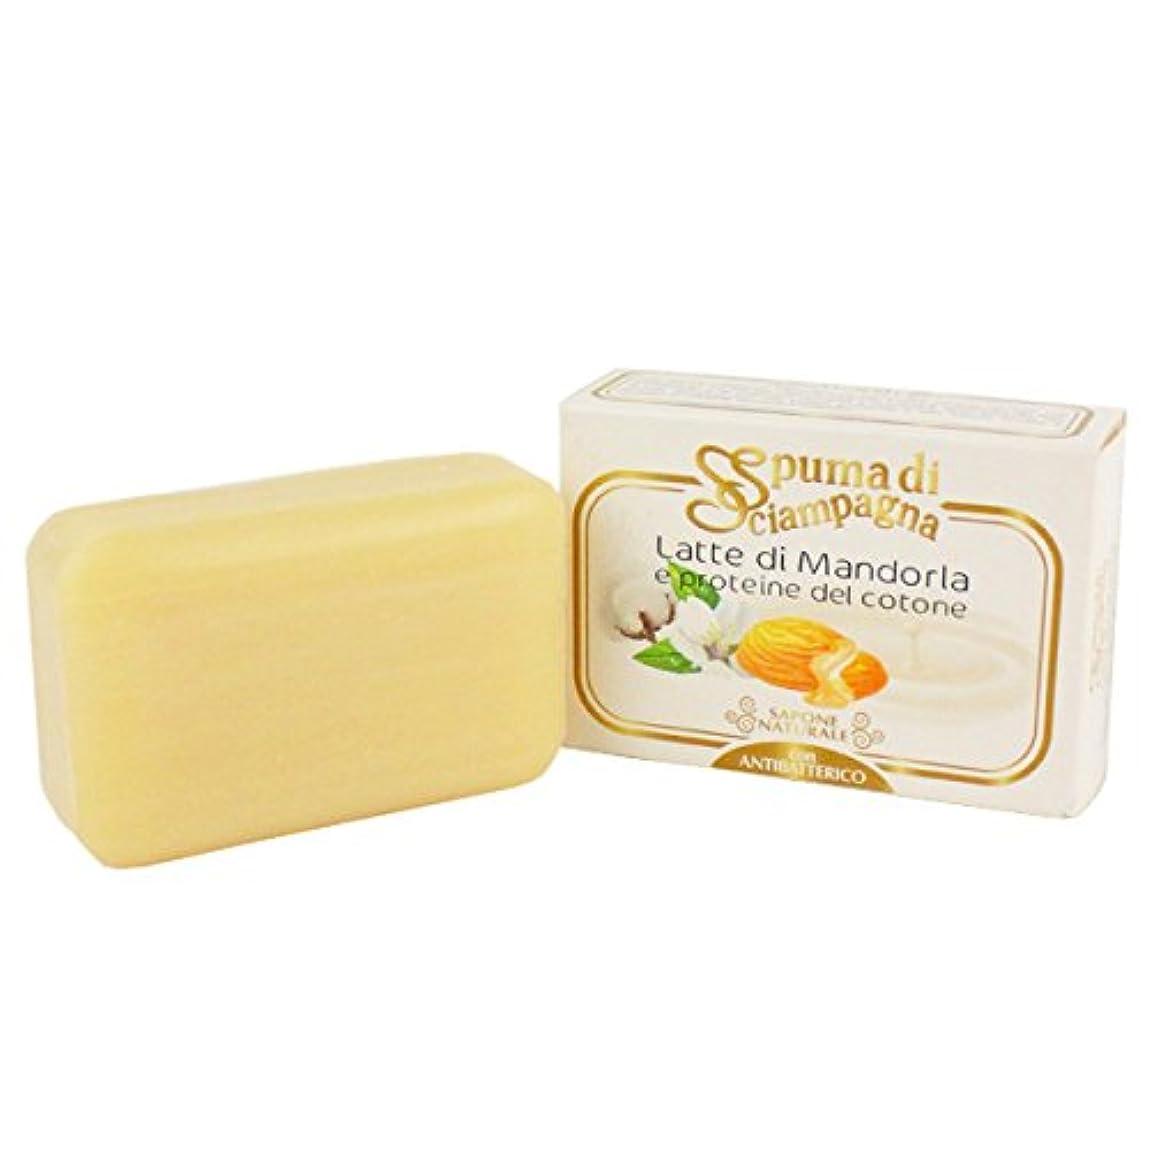 機動落胆した発表するSpuma di Sciampagna (スプーマ ディ シャンパーニャ) ナチュラルソープ 化粧石けん 145g アーモンドの香り